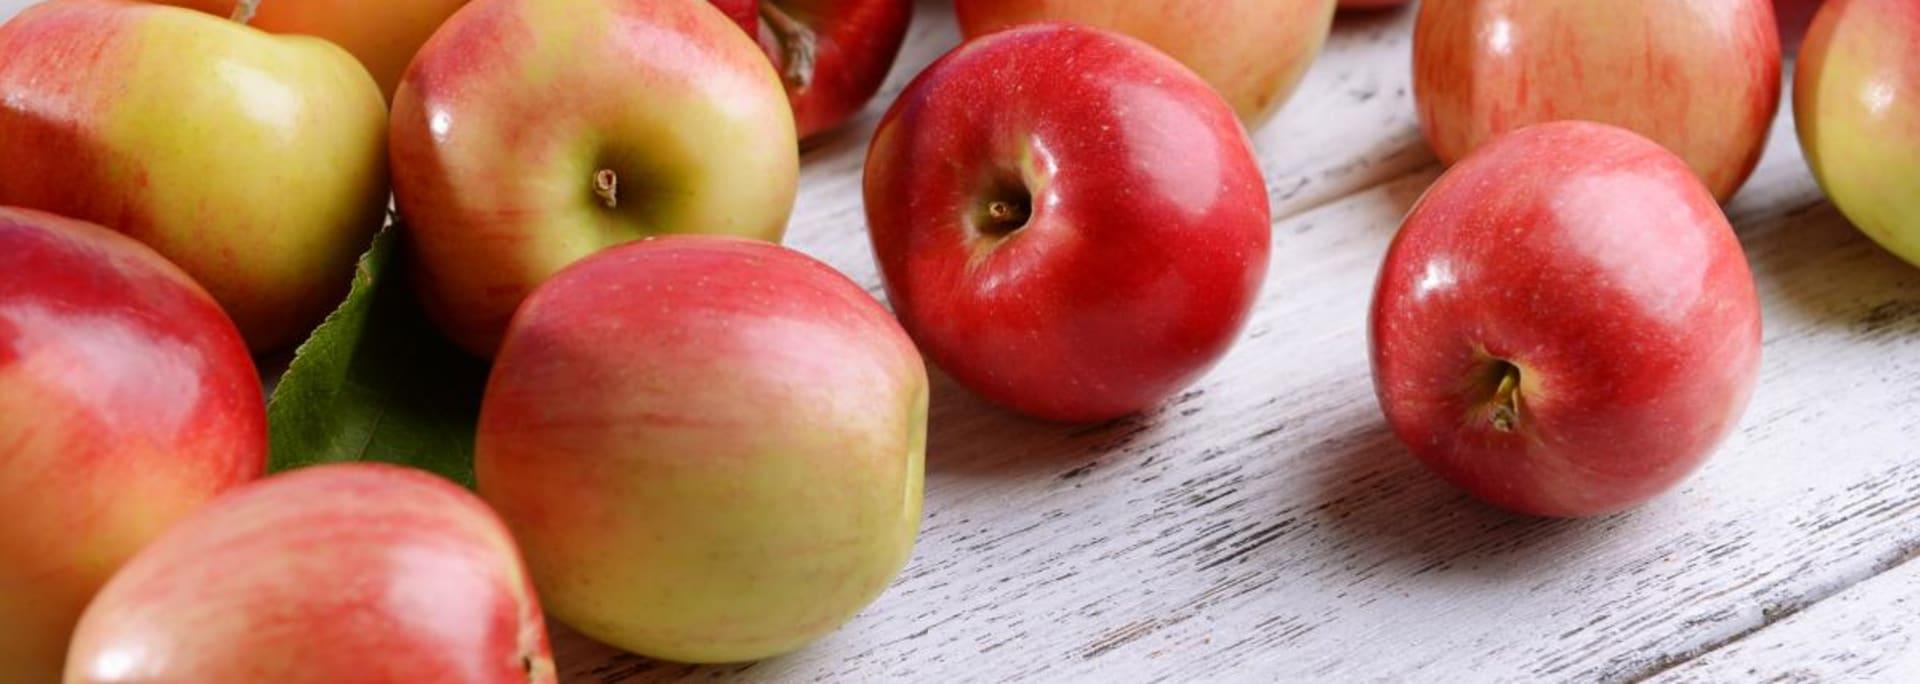 Consigli per far mangiare frutta e verdura al vostro bambino